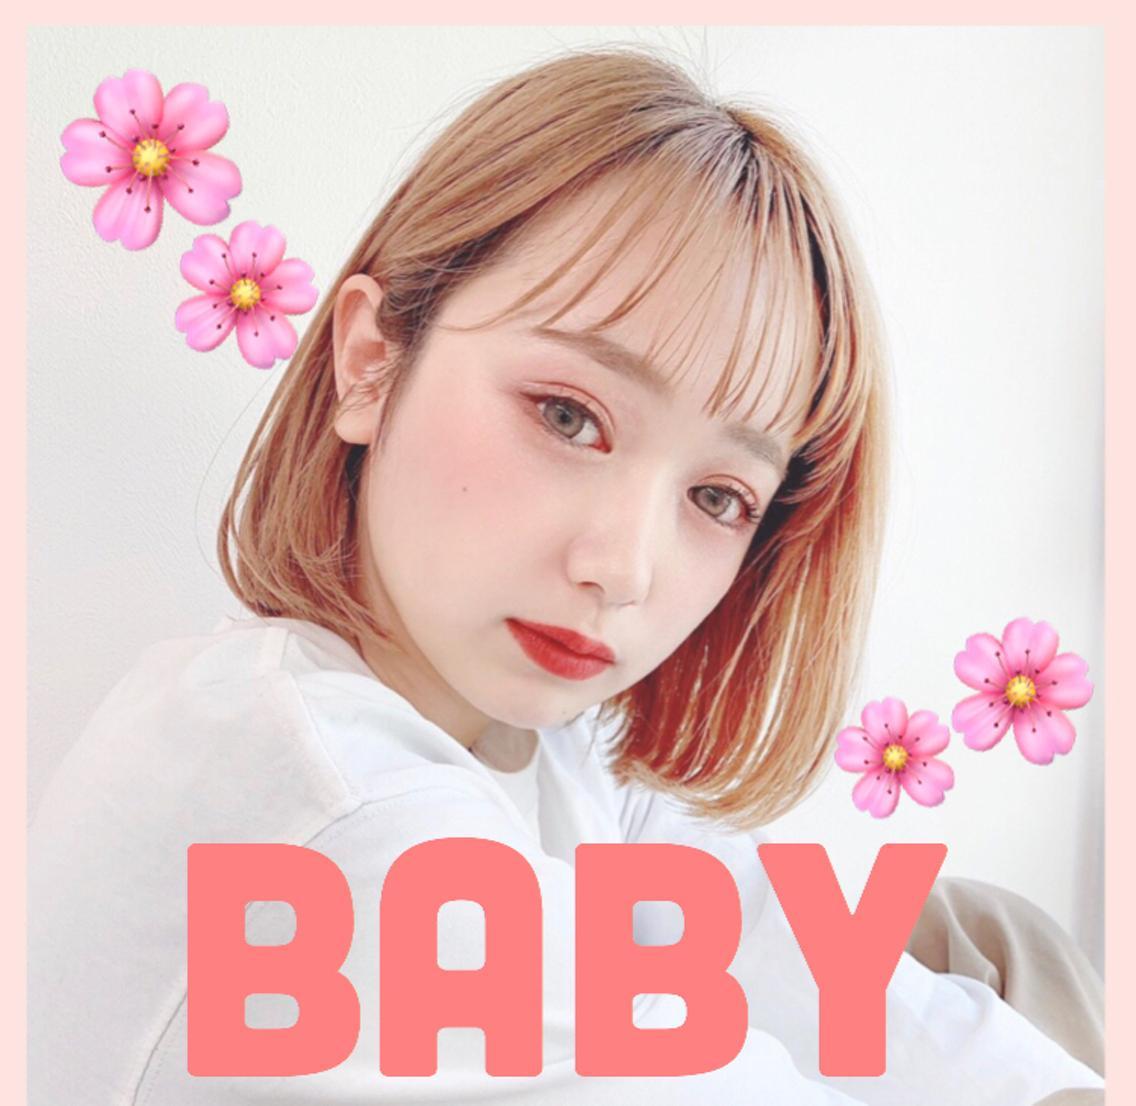 BABY所属・💗愛されモテカラー 💗SAYAKA💗の掲載